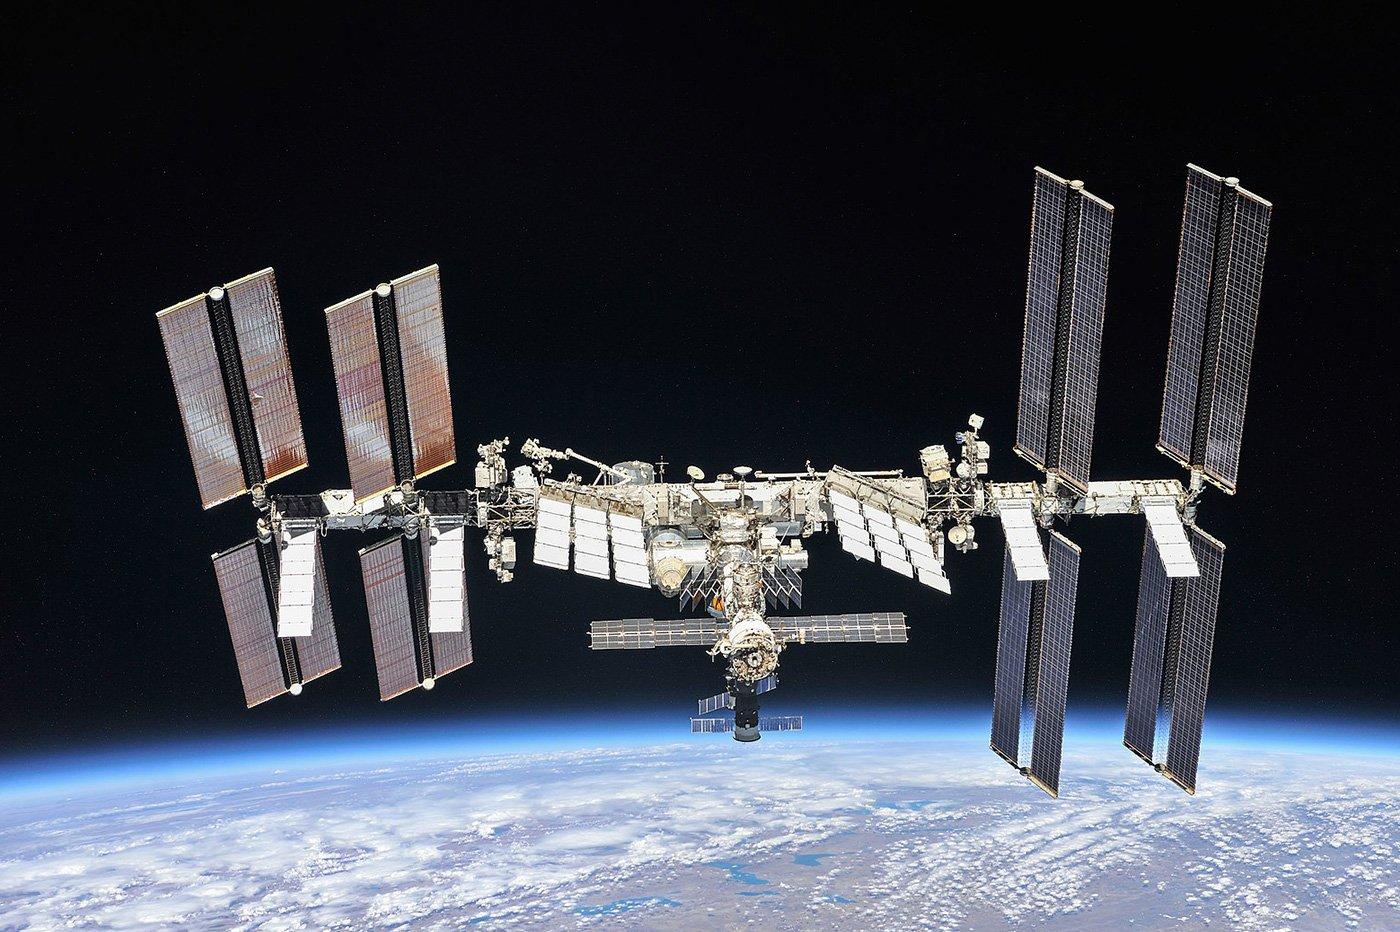 Les astronautes de la NASA vont allumer des feux dans l'ISS